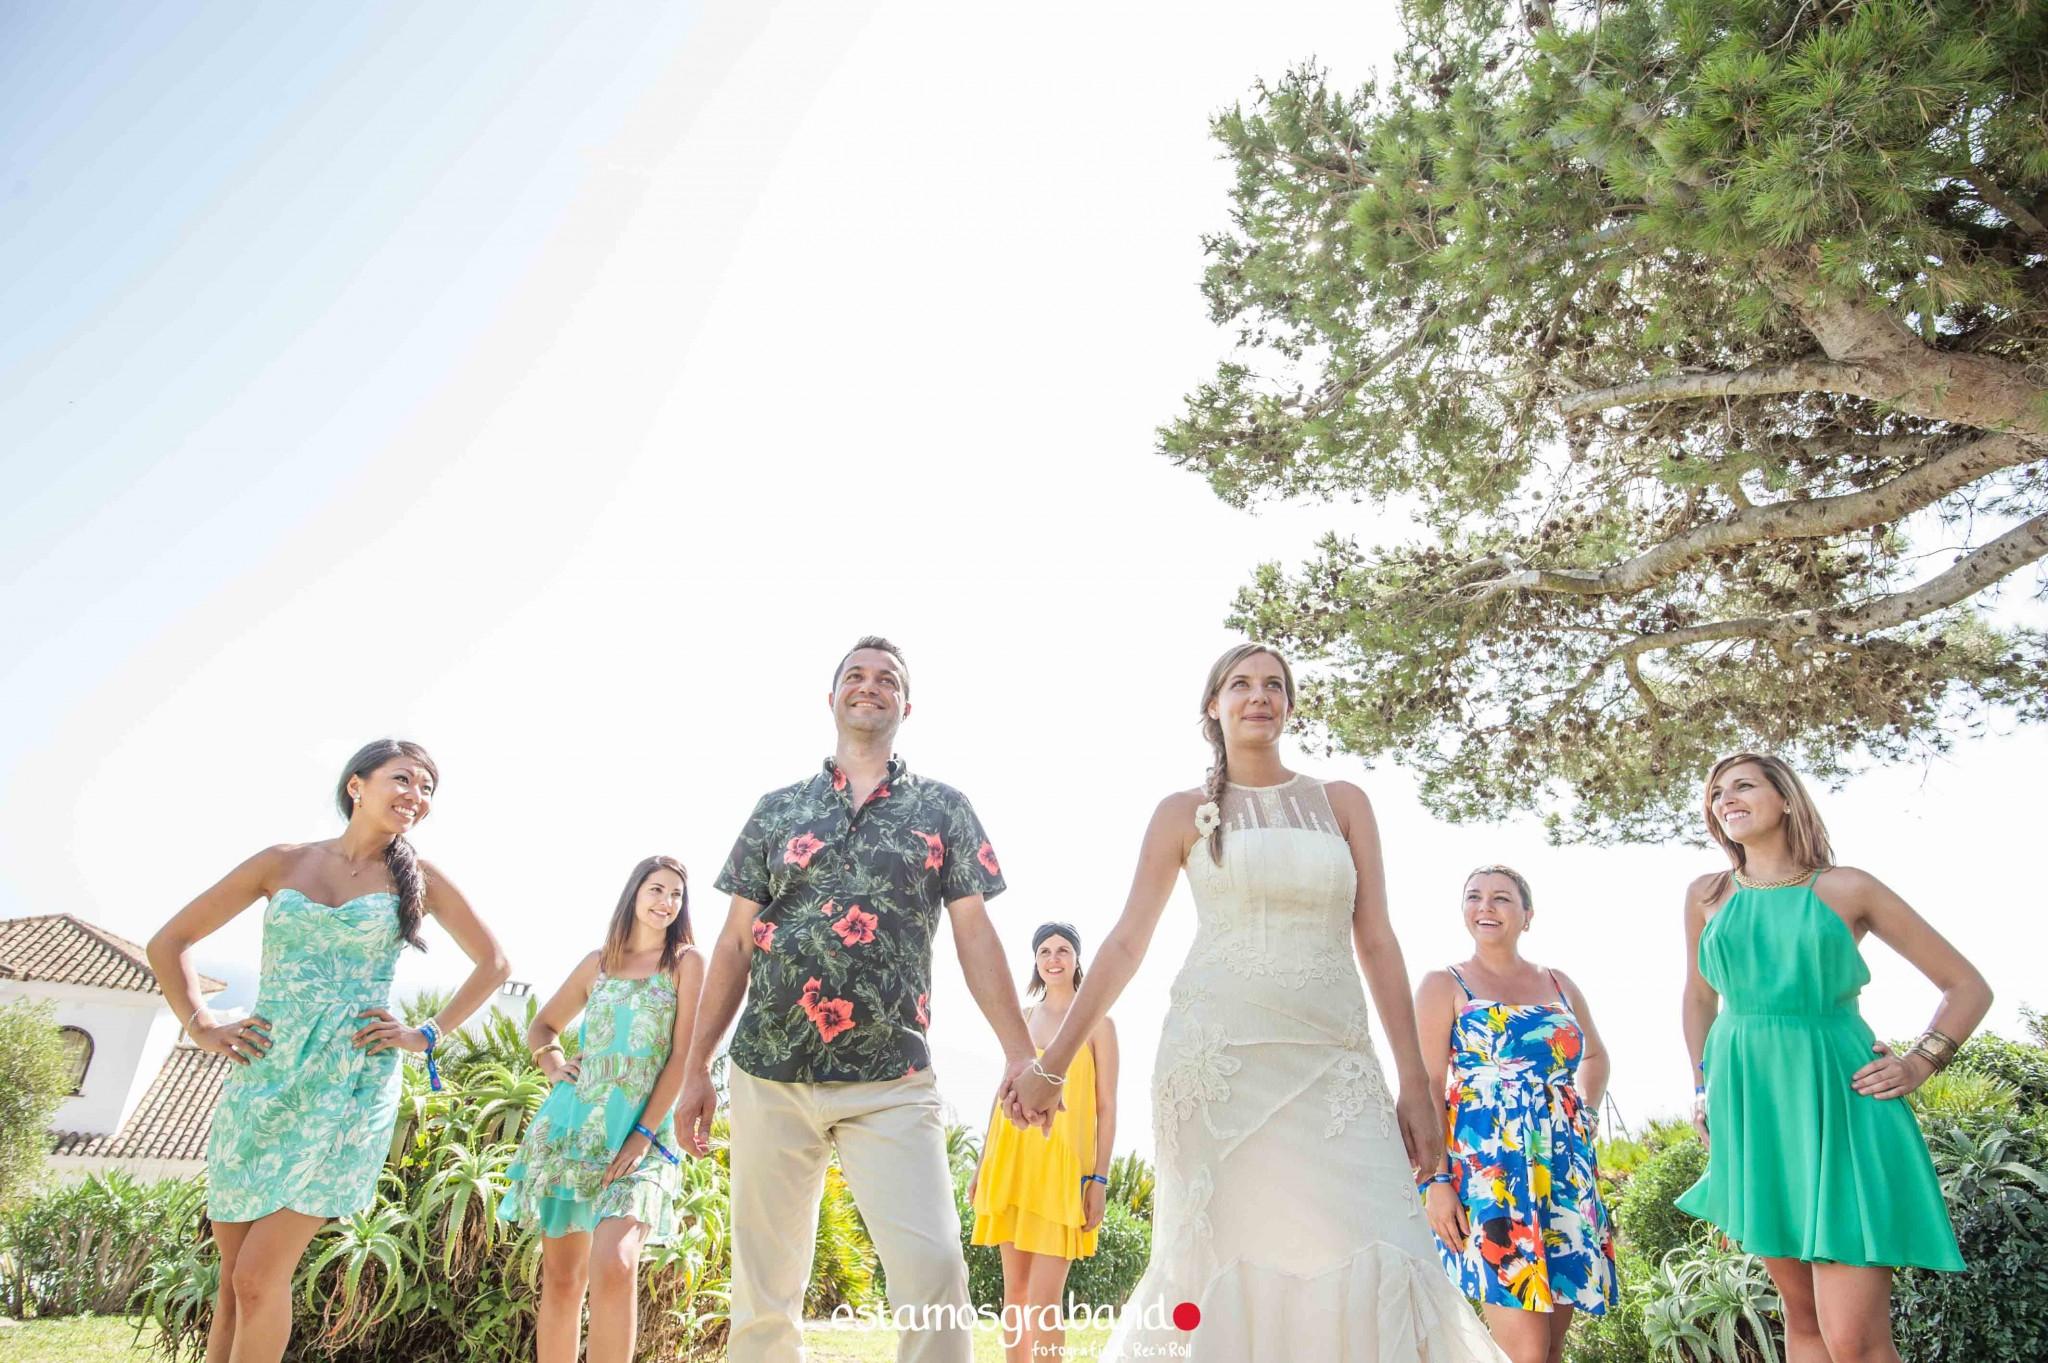 Alba-y-Jose-BTTW-31 Los invitados de Alba & Jose [Back to the wedding_Atlanterra, Zahara de los Atunes] - video boda cadiz